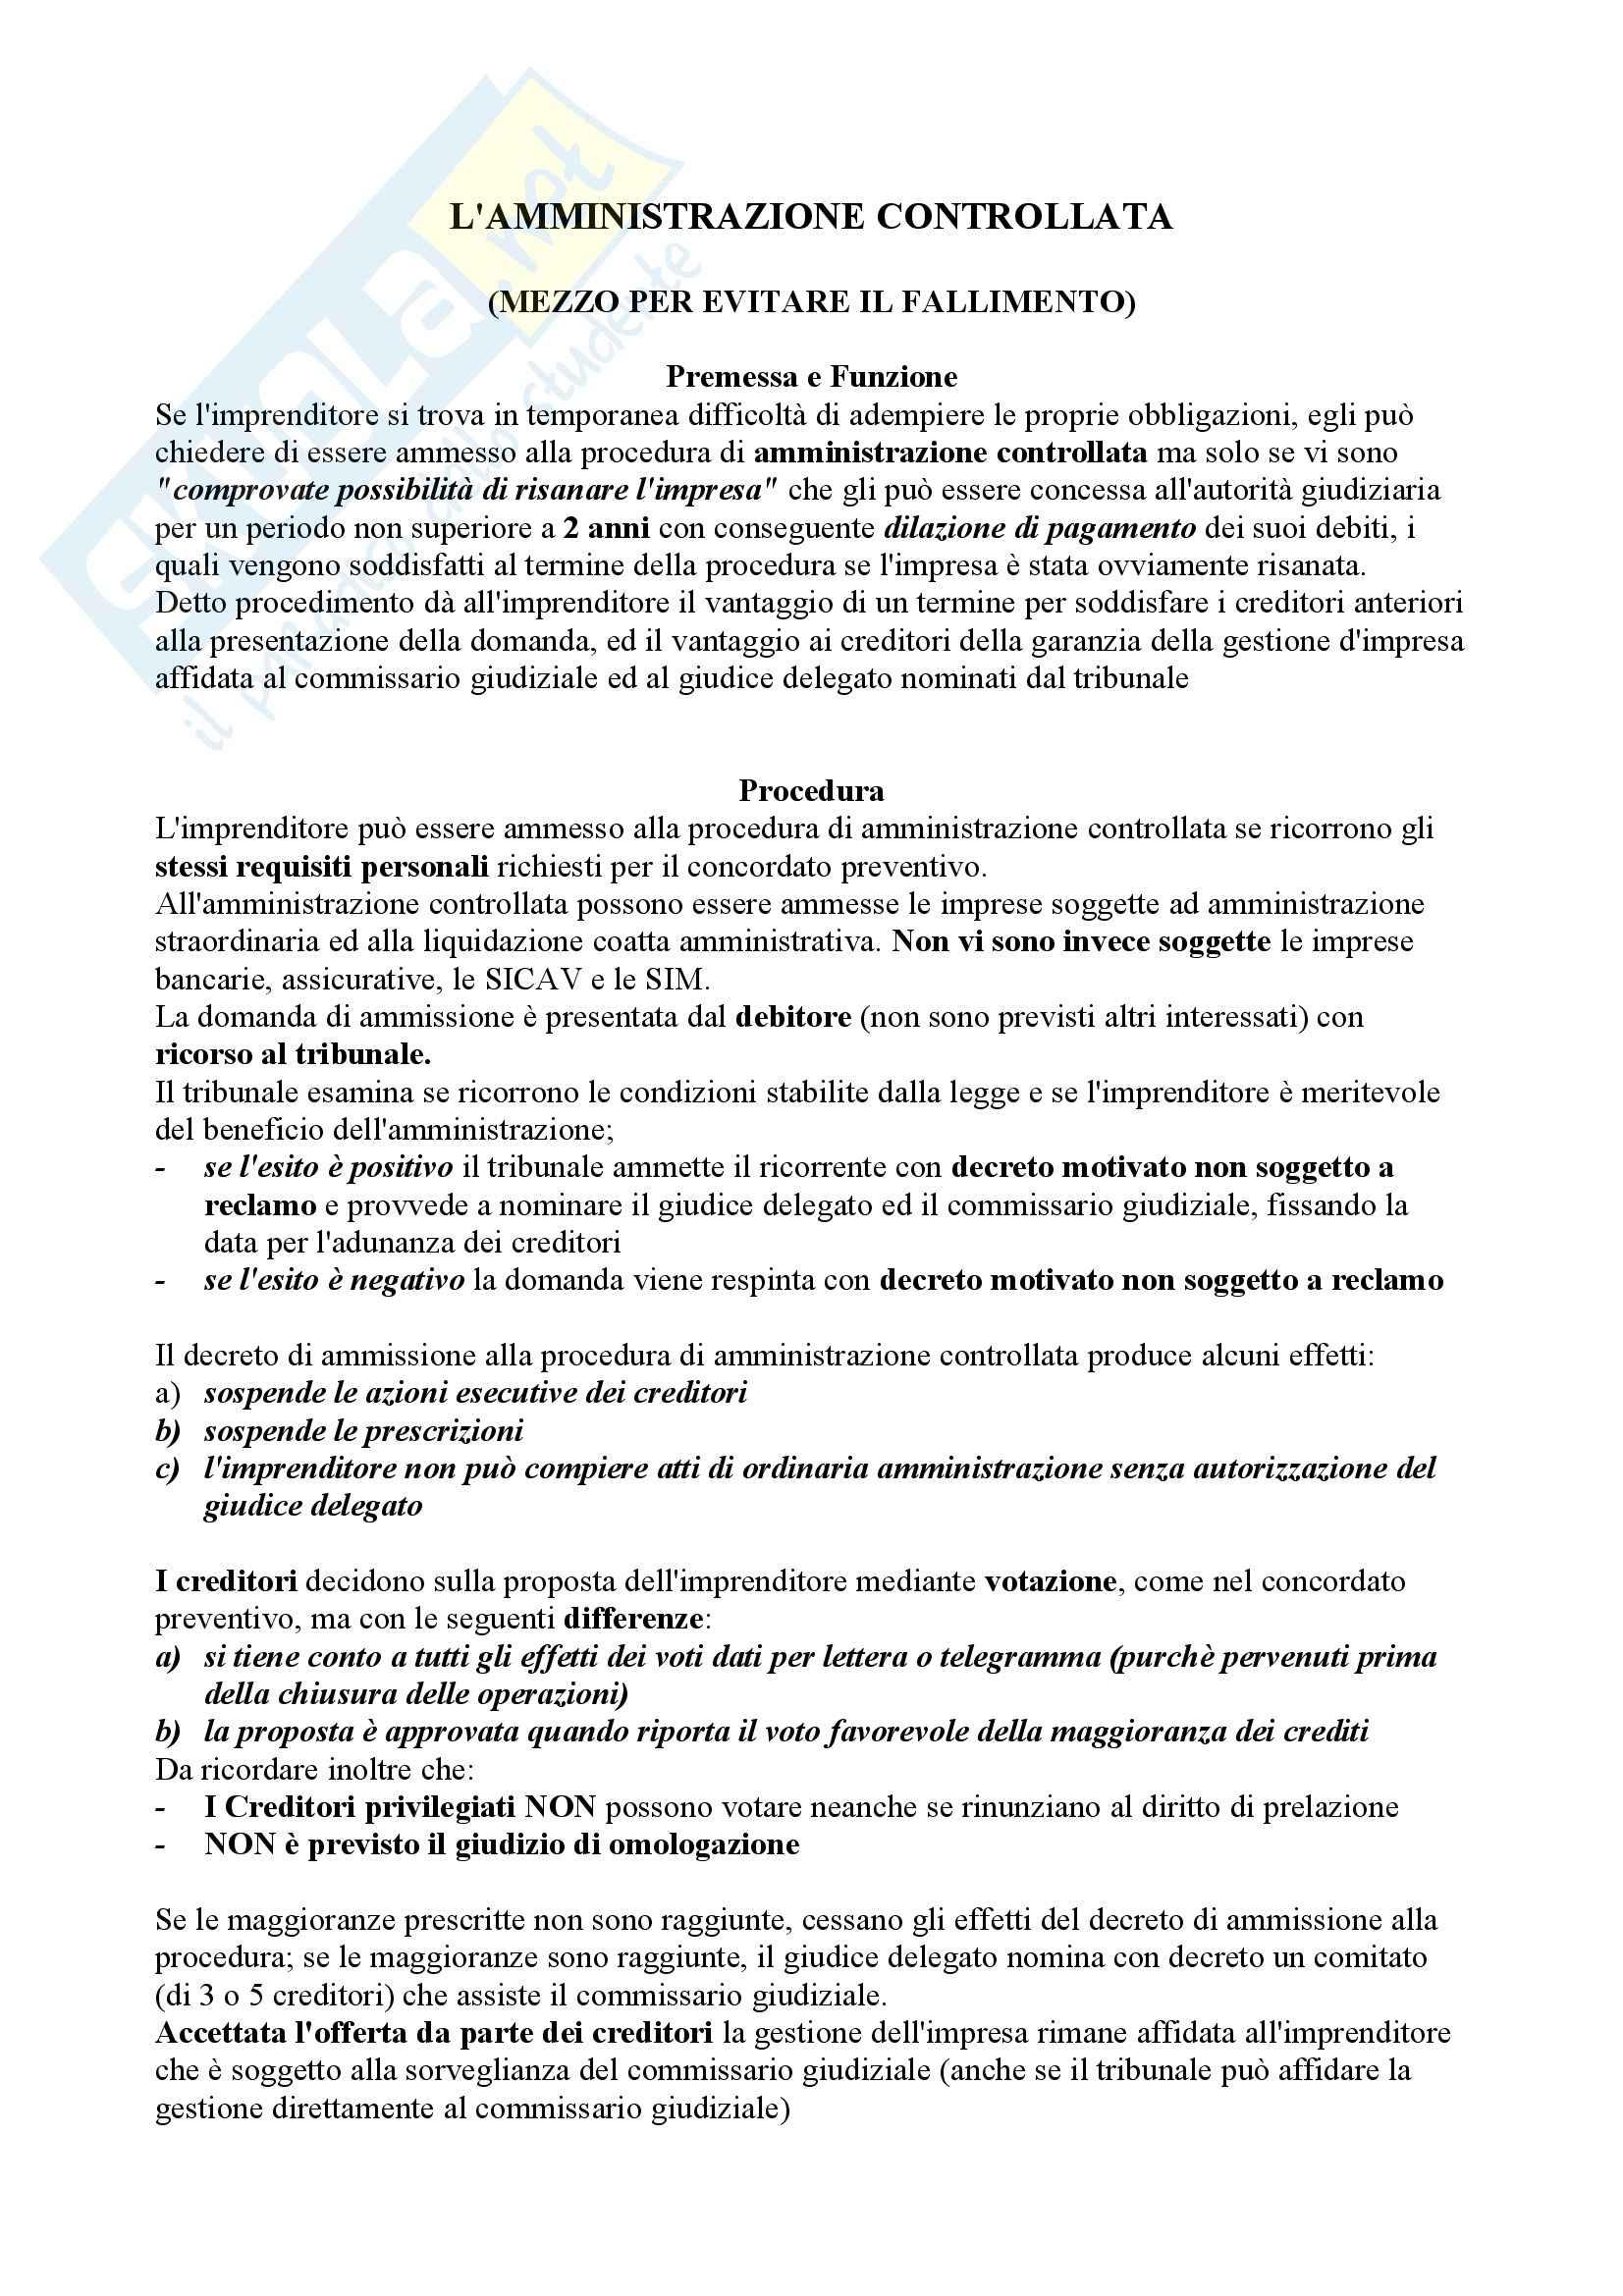 Diritto commerciale, Auletta Salanitro - Schemi